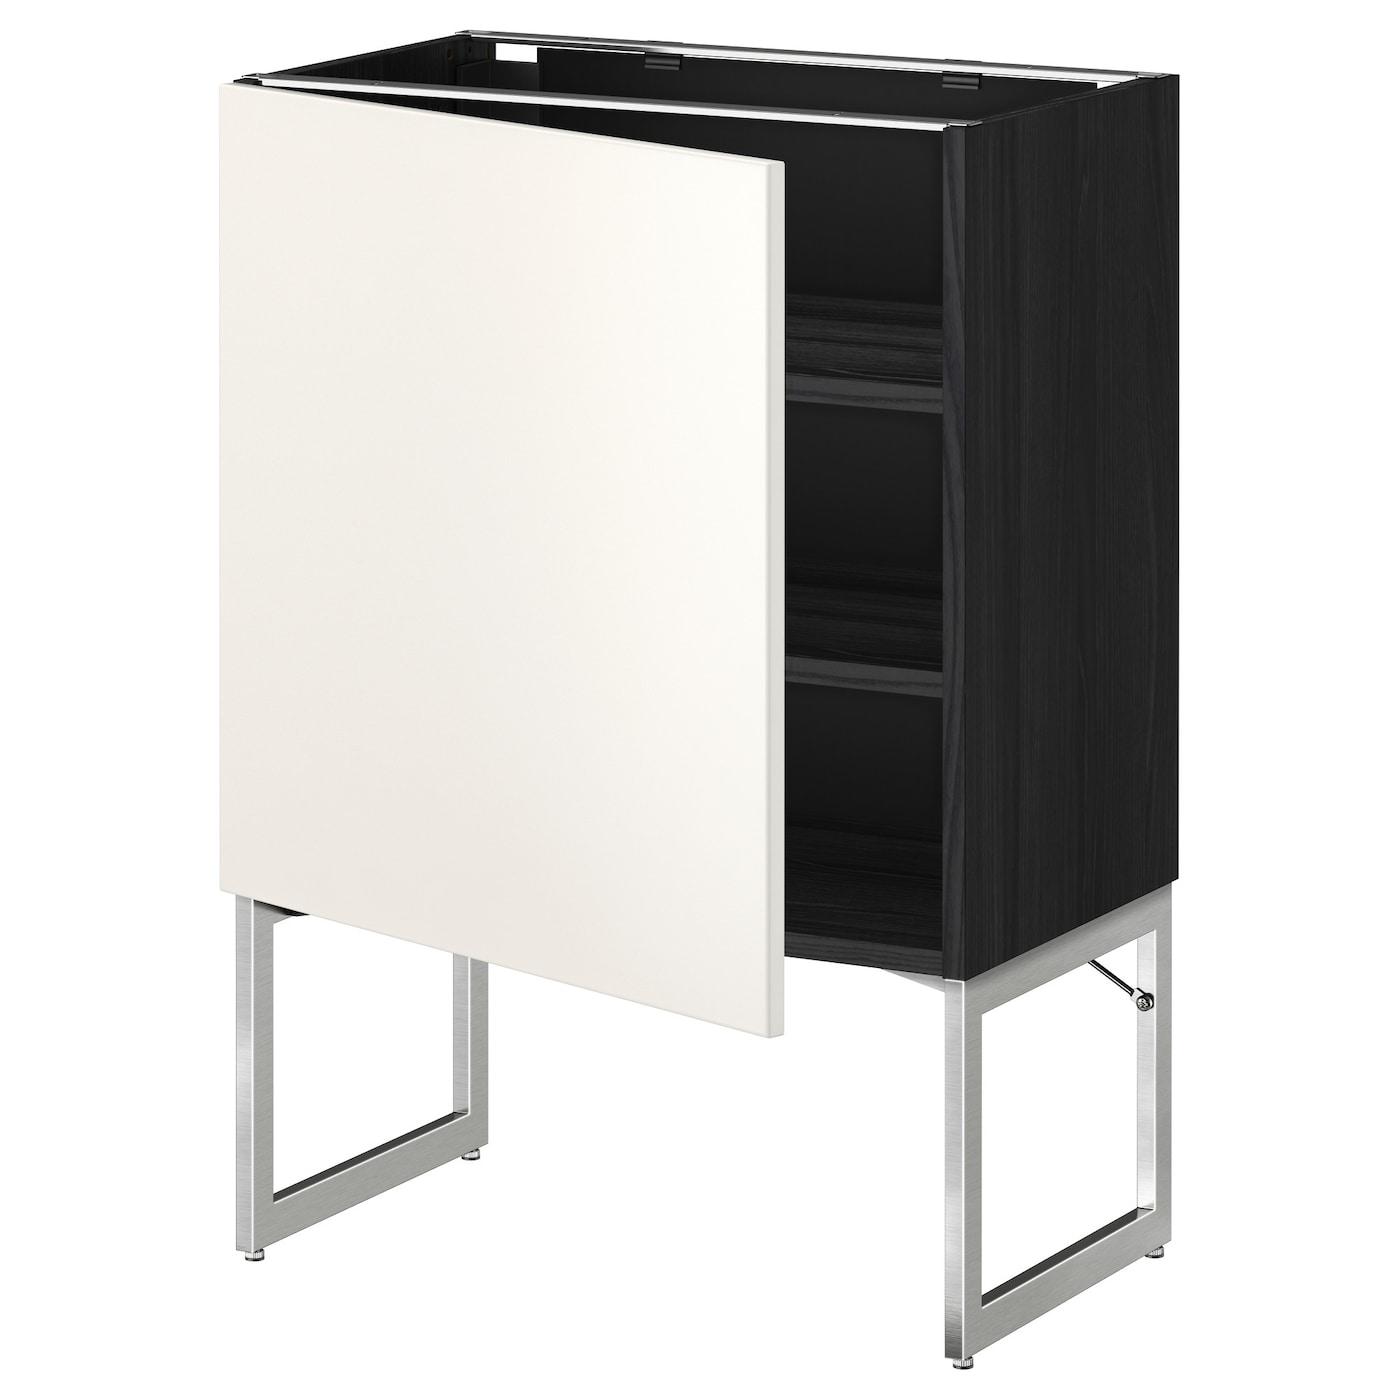 Metod base cabinet with shelves black veddinge white for Black kitchen base cabinets